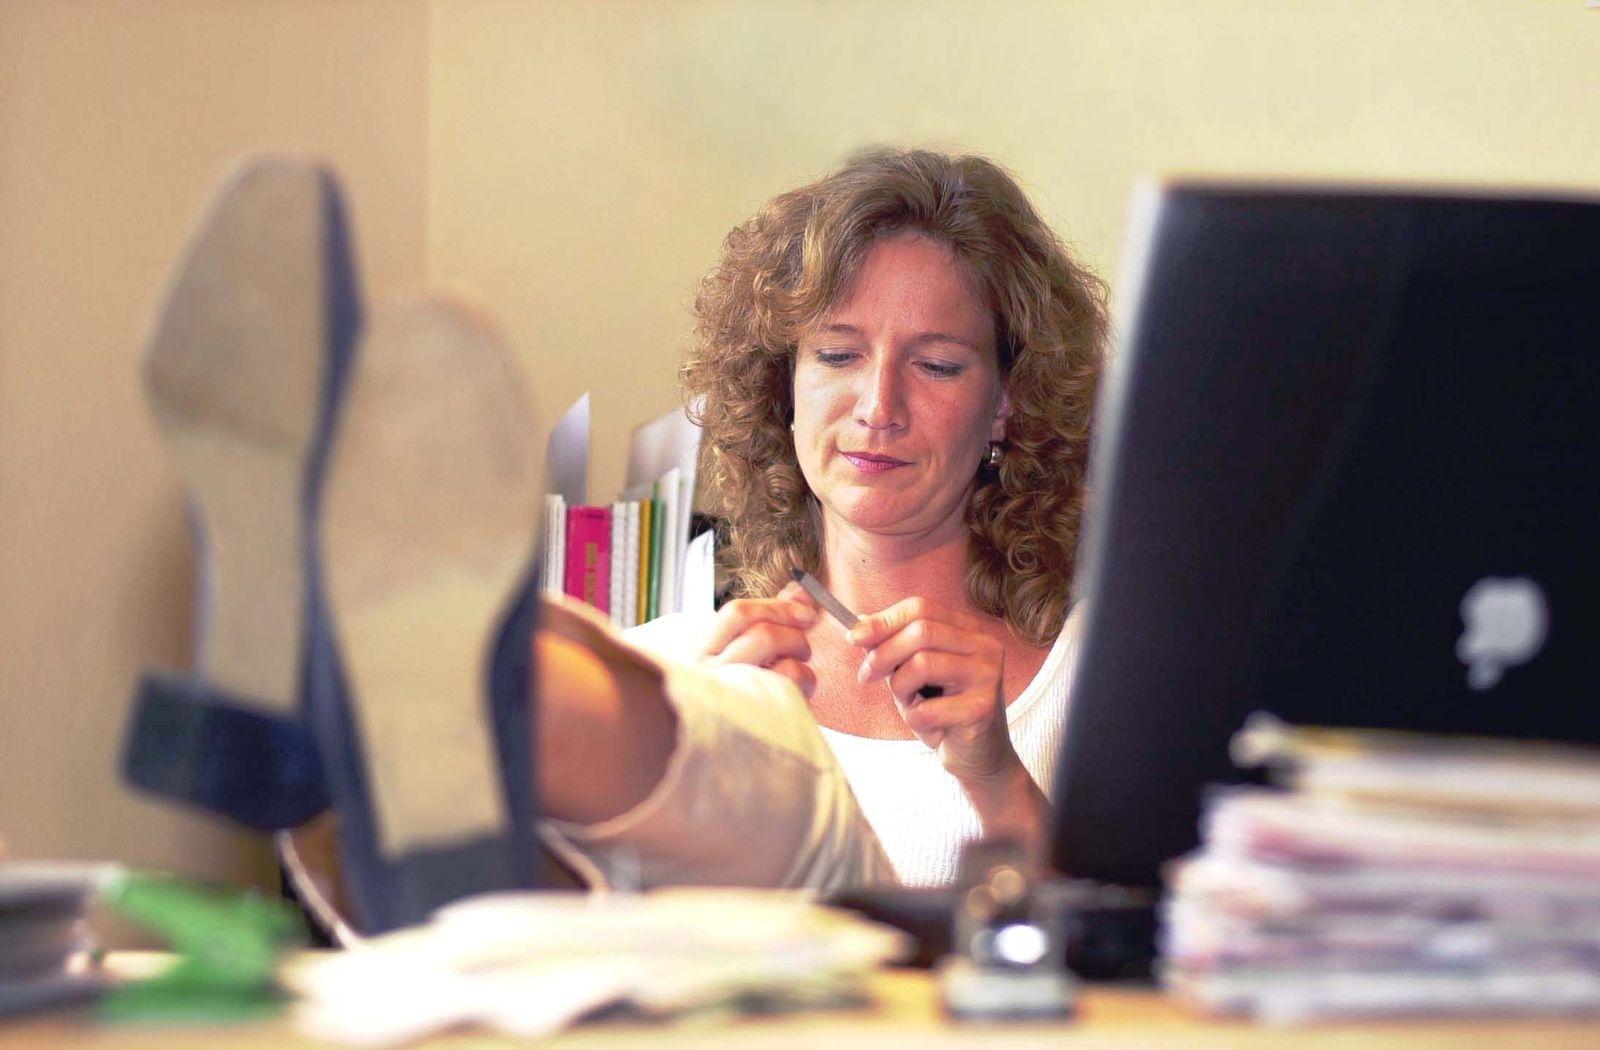 NICHT VERWENDEN Langeweile am Arbeitsplatz / Symbolbild